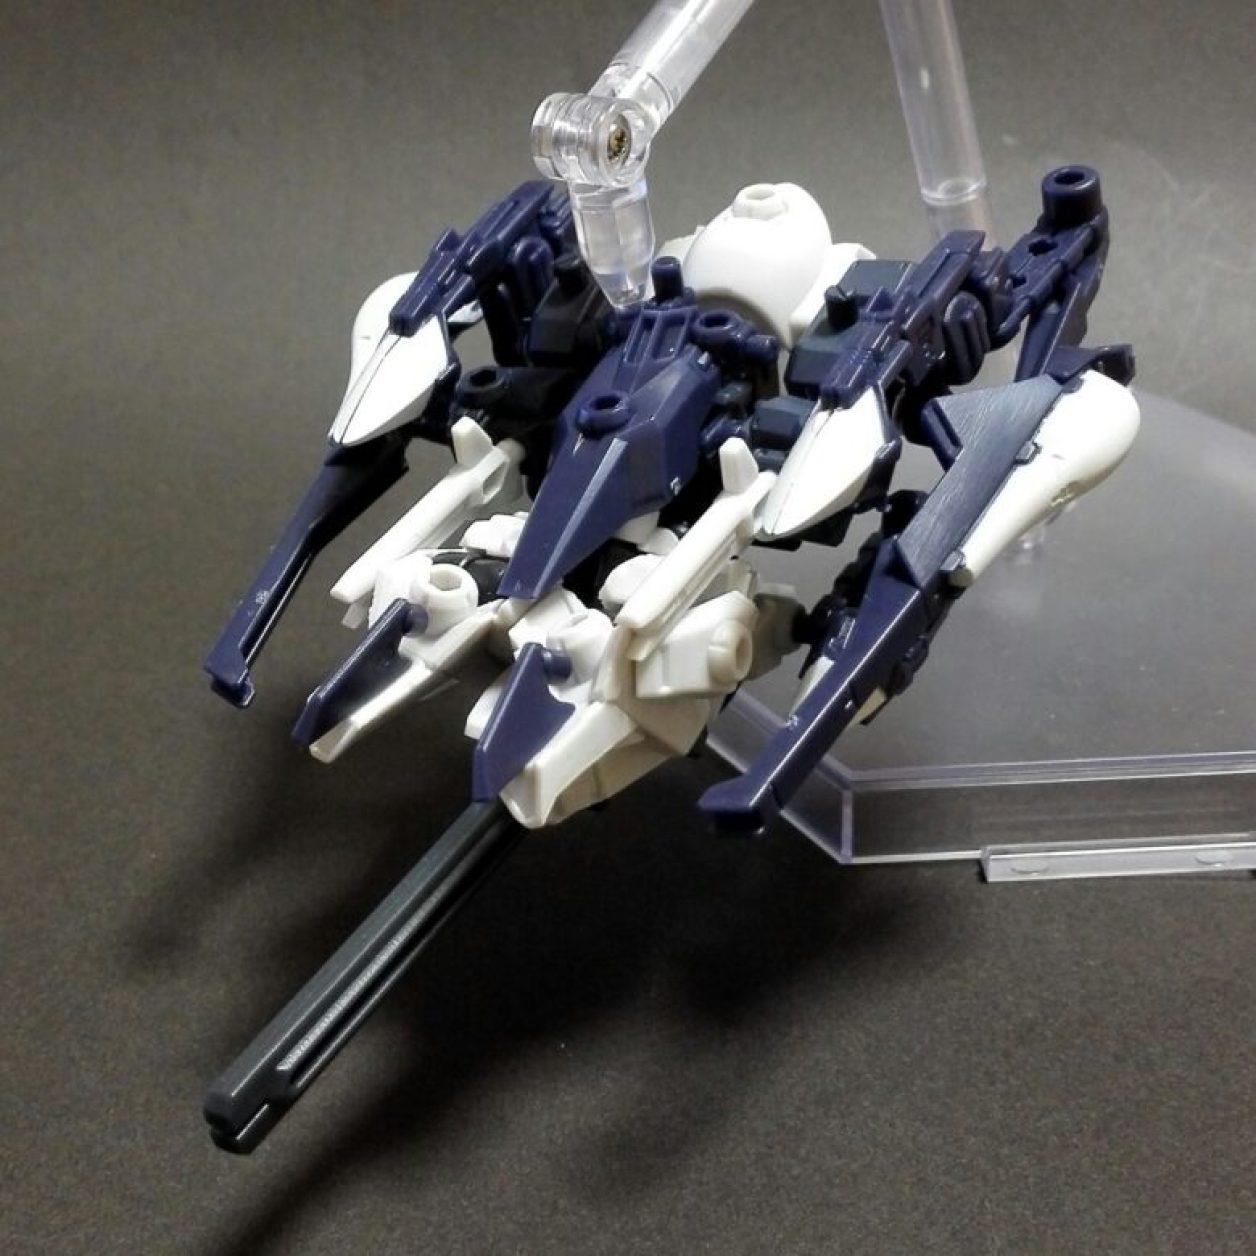 MOBILE SUIT ENSEMBLE 08弾のハイゼンスレイIIとフルドドIIと武器セットの組み合わせから再現したハイゼンスレイII・ラー(第二形態)のMS形態とMA(モビルアーマー)形態の画像